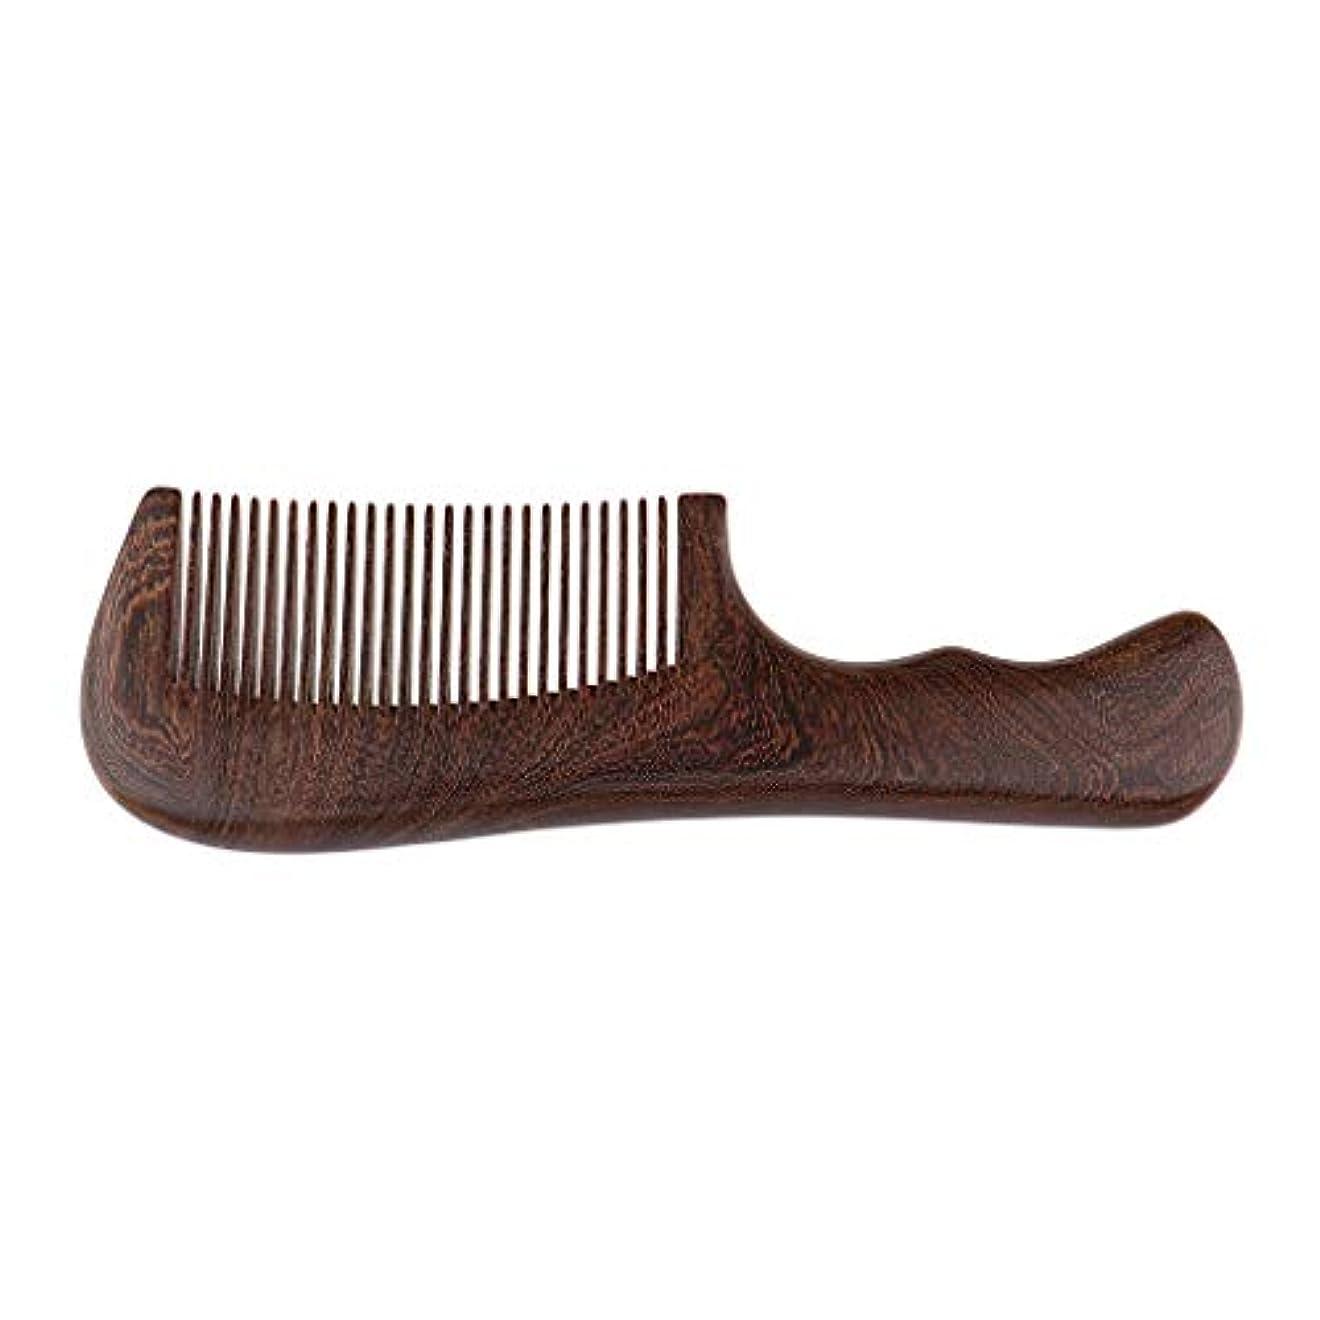 合体逆に懐疑的帯電防止櫛 ウッドコーム 木製櫛 ハンドヘルドくし 頭皮マッサージ 2仕様選べ - 細かい歯